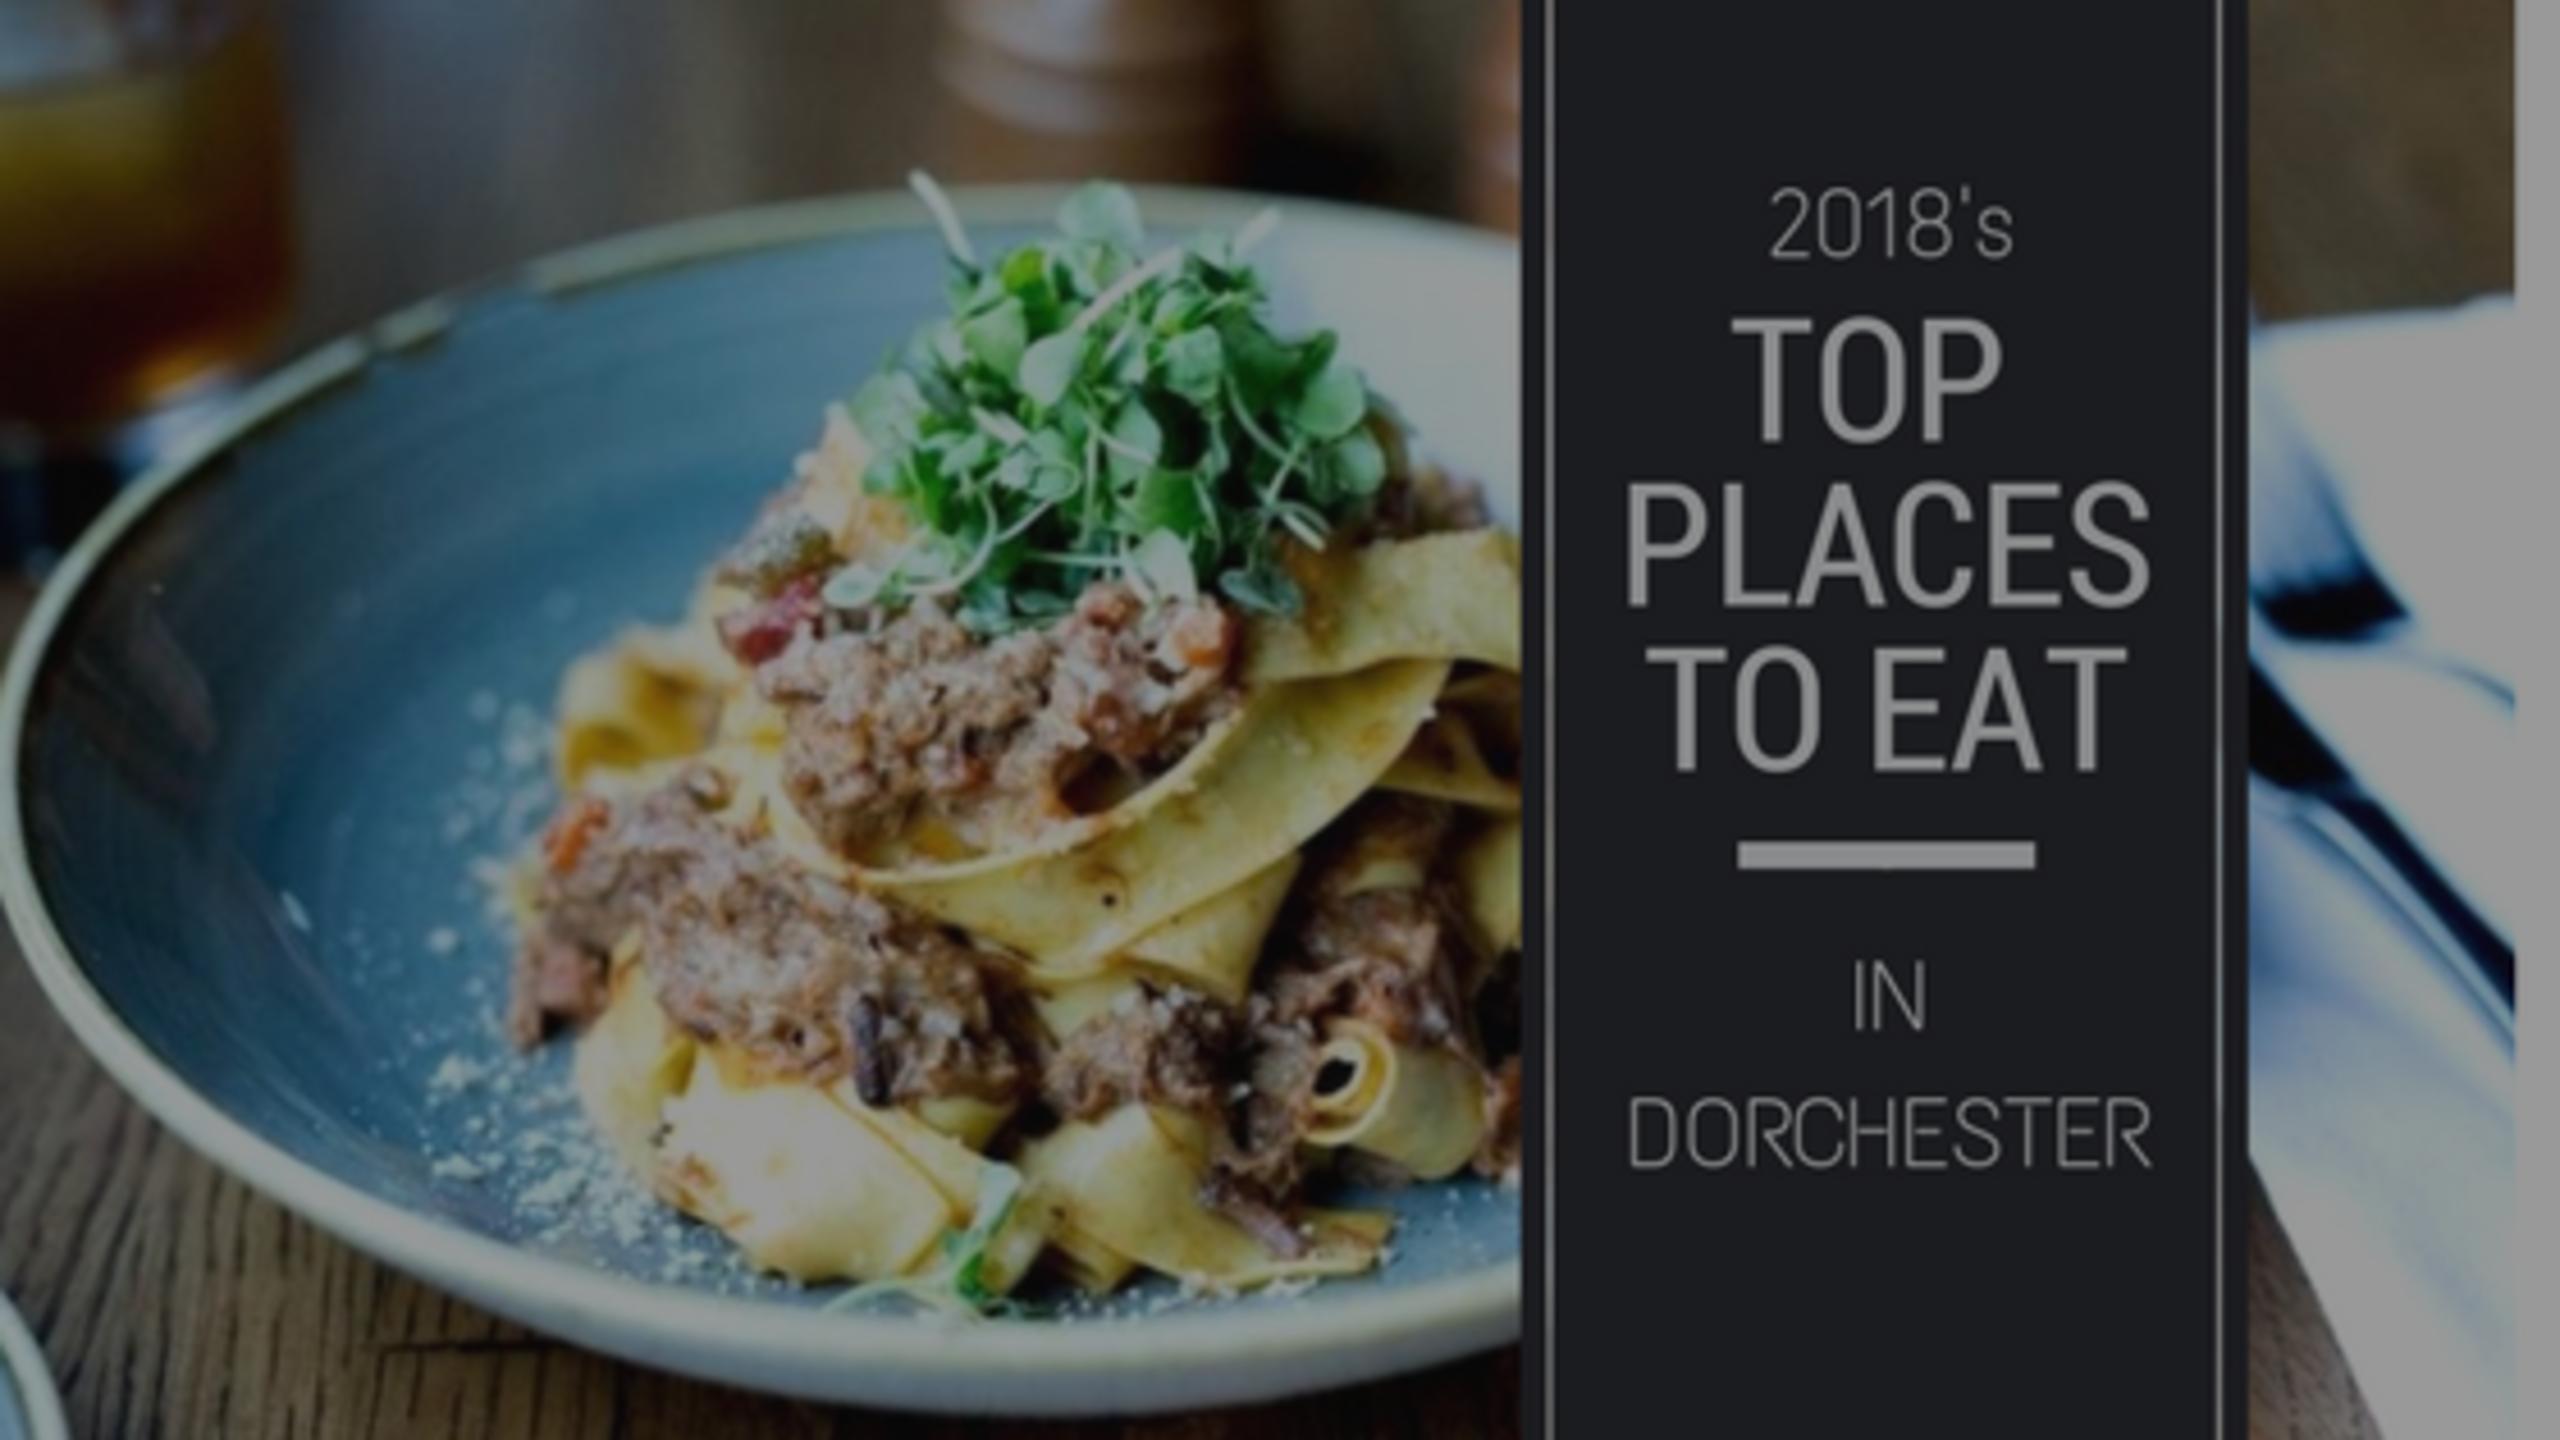 2018 Best Restaurants in Dorchester